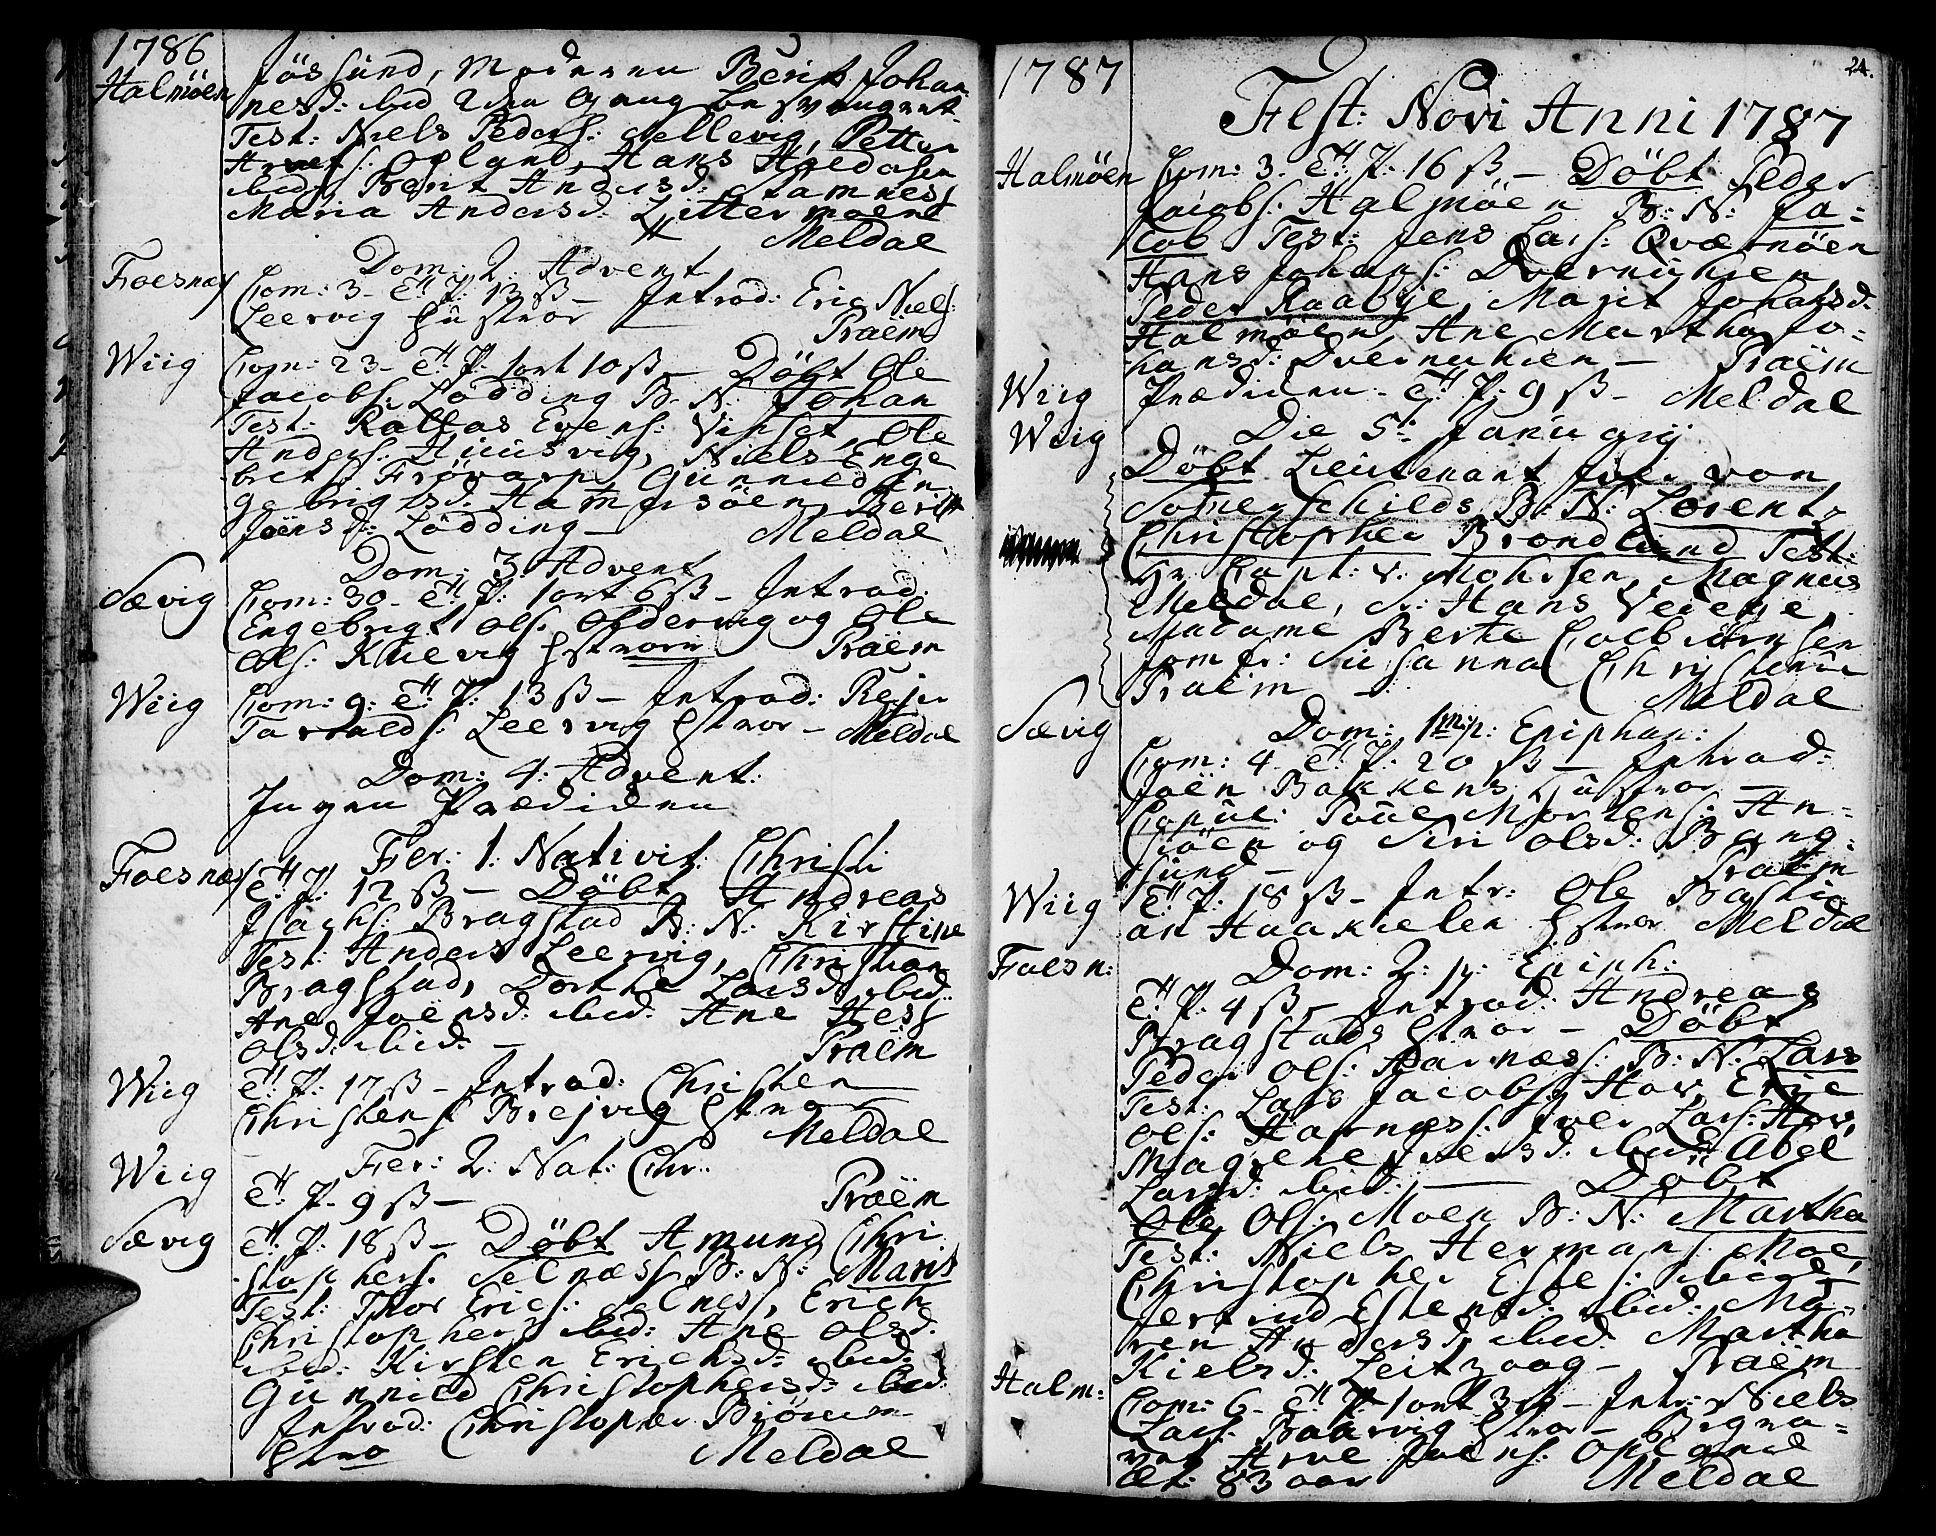 SAT, Ministerialprotokoller, klokkerbøker og fødselsregistre - Nord-Trøndelag, 773/L0608: Ministerialbok nr. 773A02, 1784-1816, s. 24